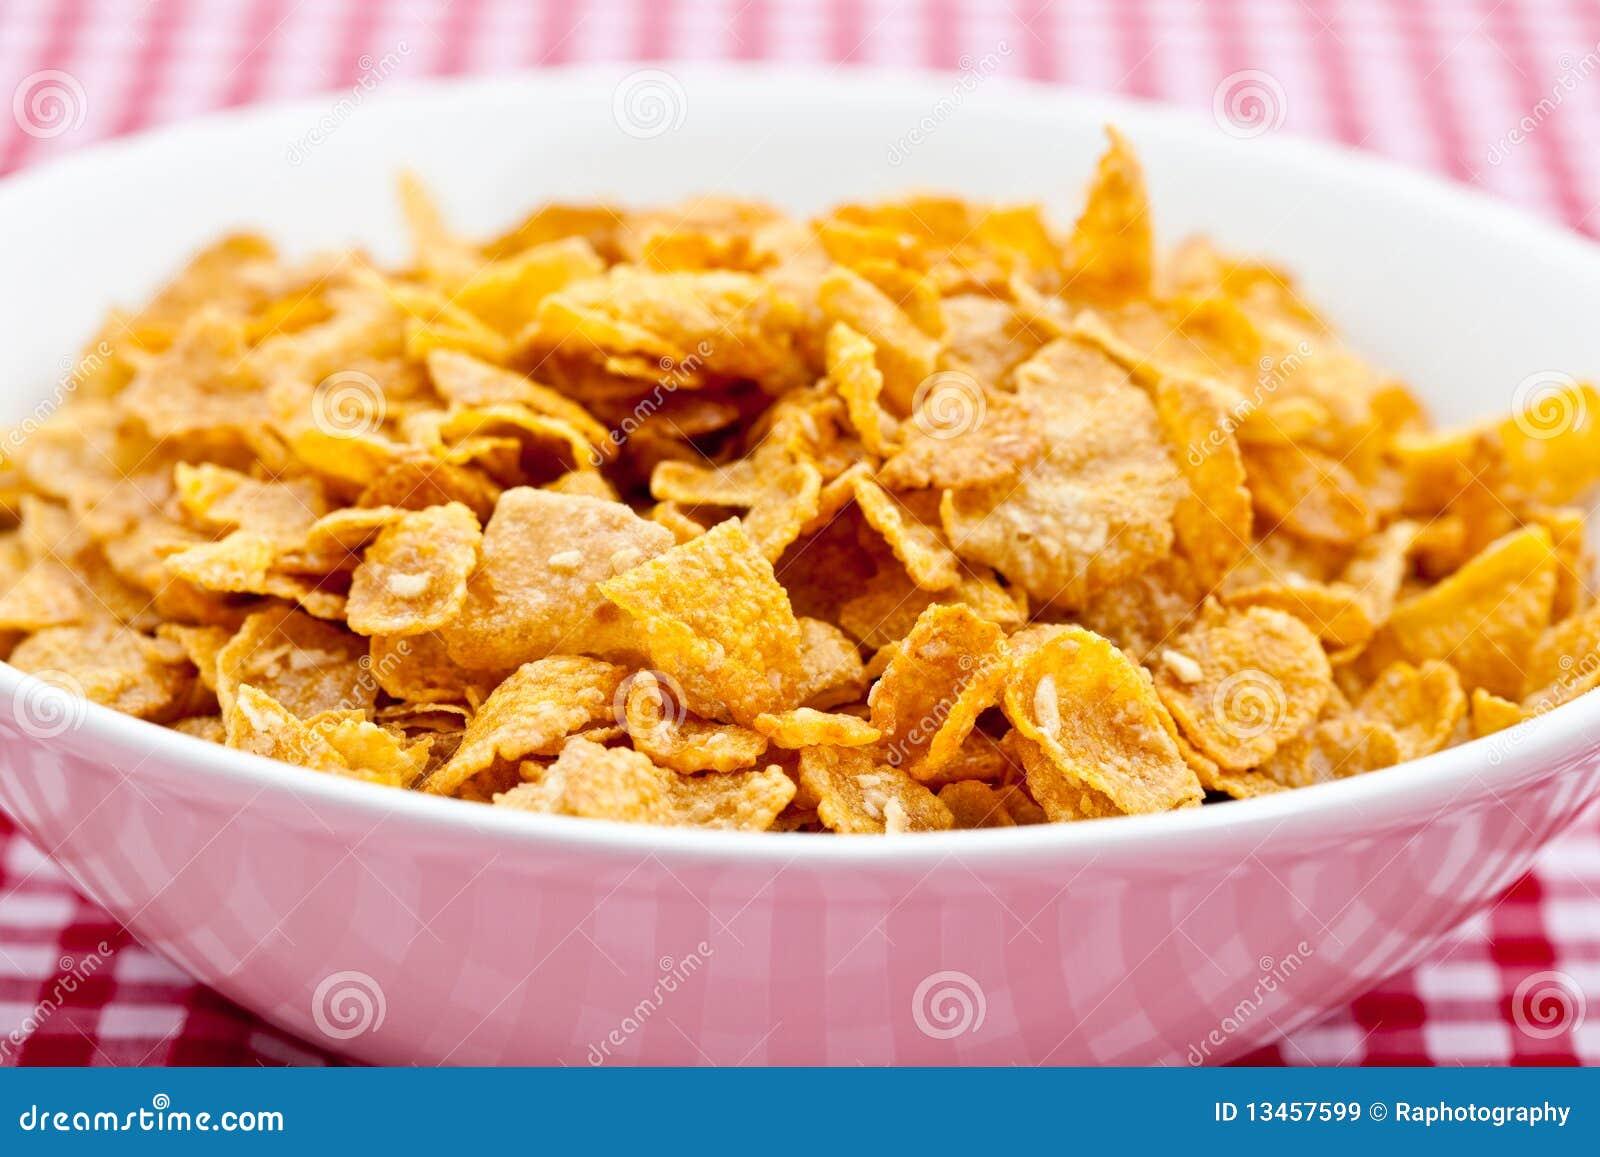 Cereal de desayuno en un taz n de fuente blanco im genes for Tazon cereales